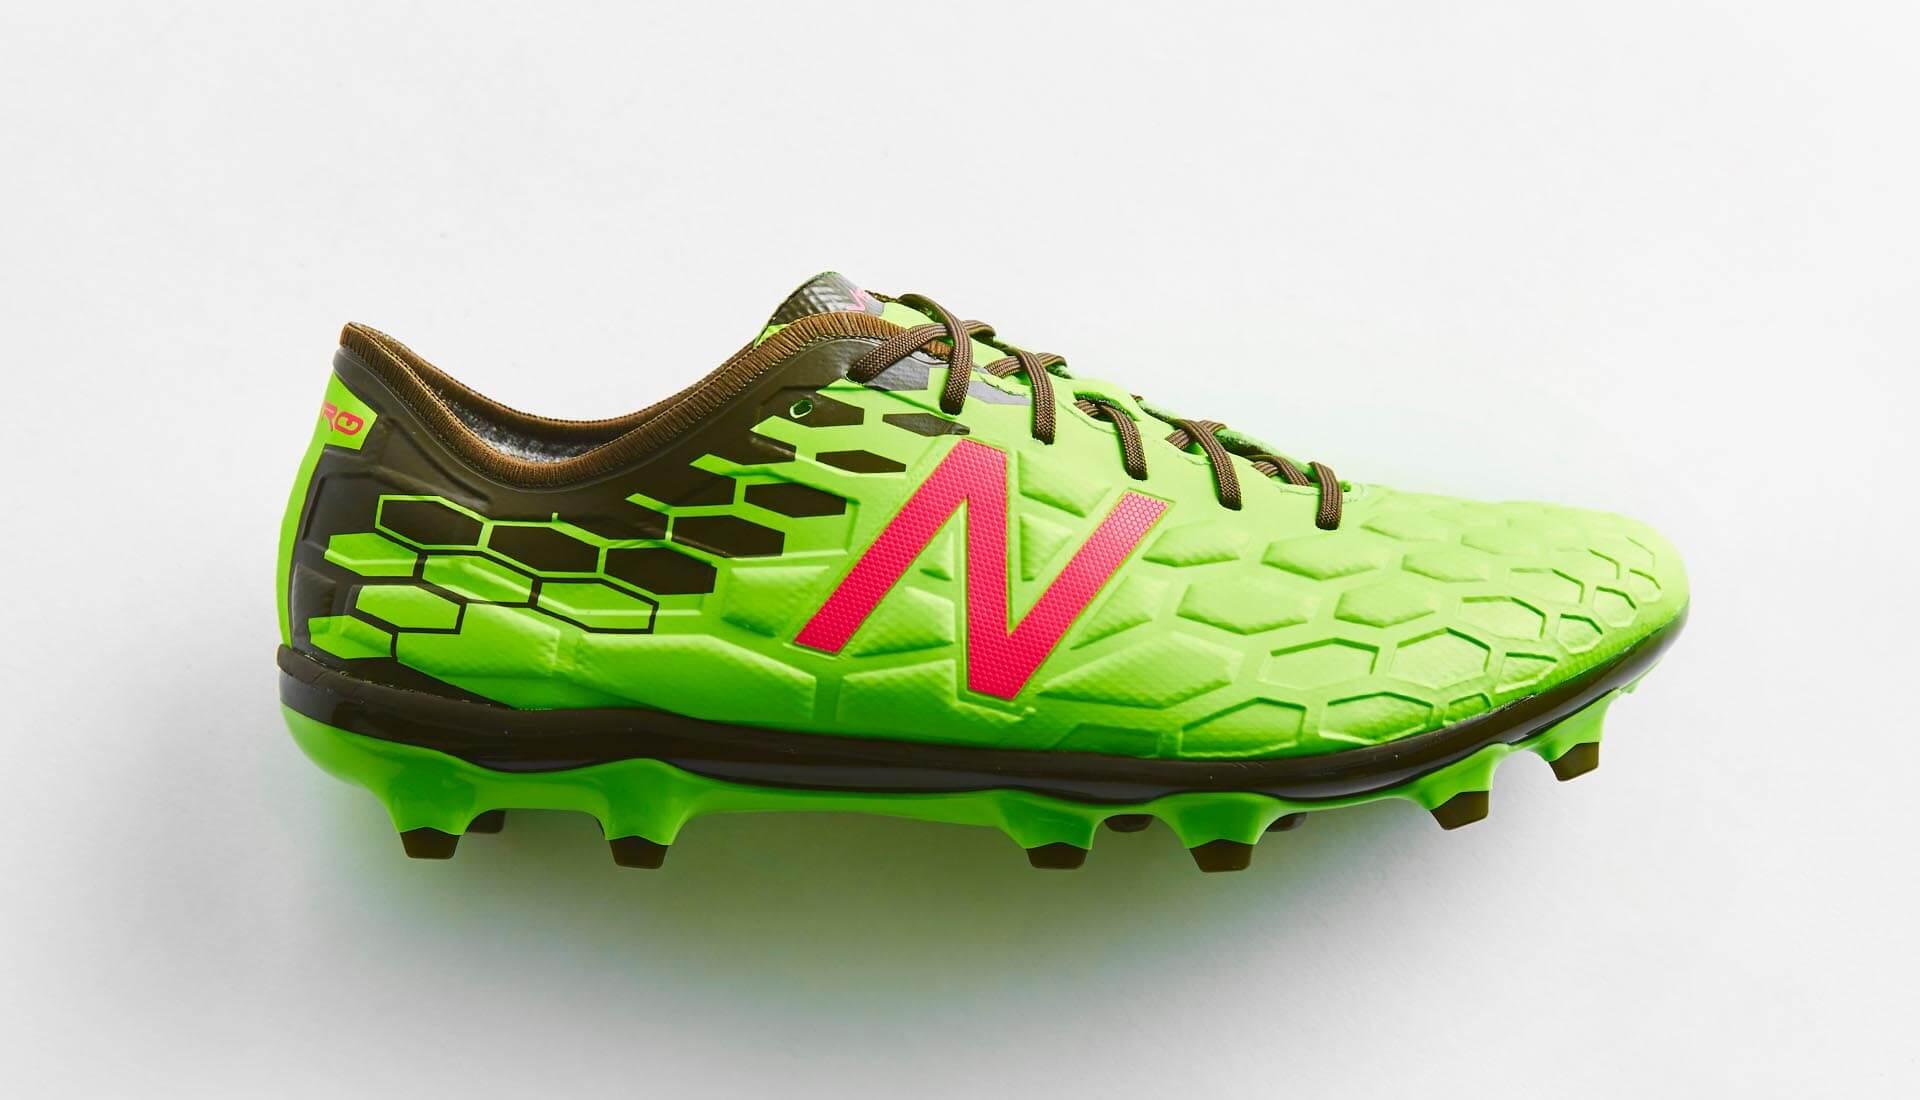 quality design 4a148 e0d94 new-balance-visaro-2-boots-7.jpg